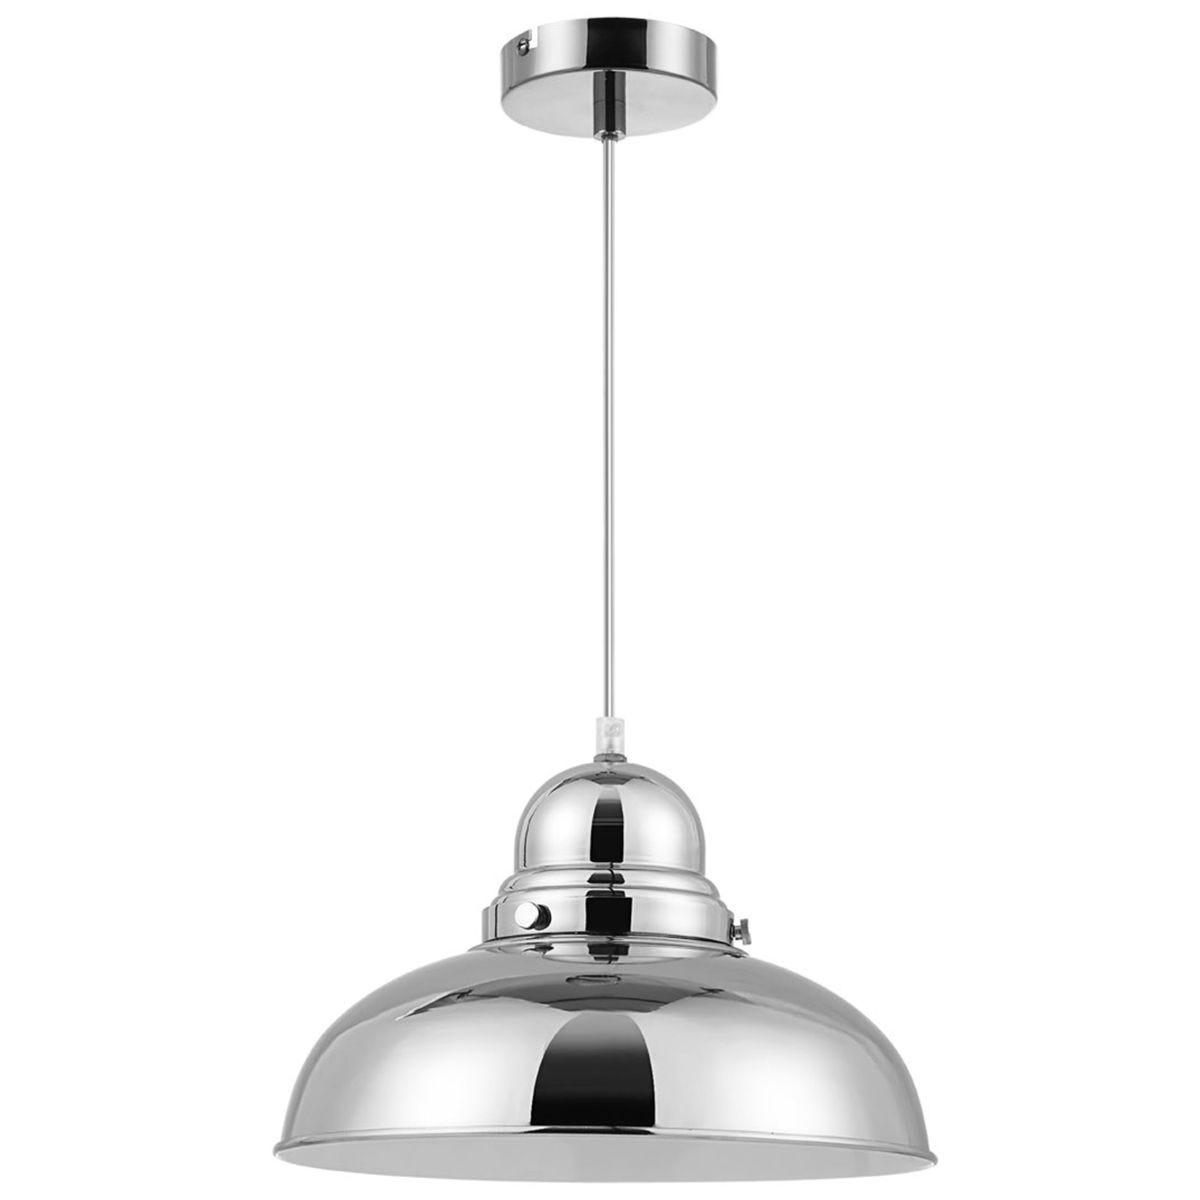 Premier Housewares Jasper Pendant Light - Chrome Finish